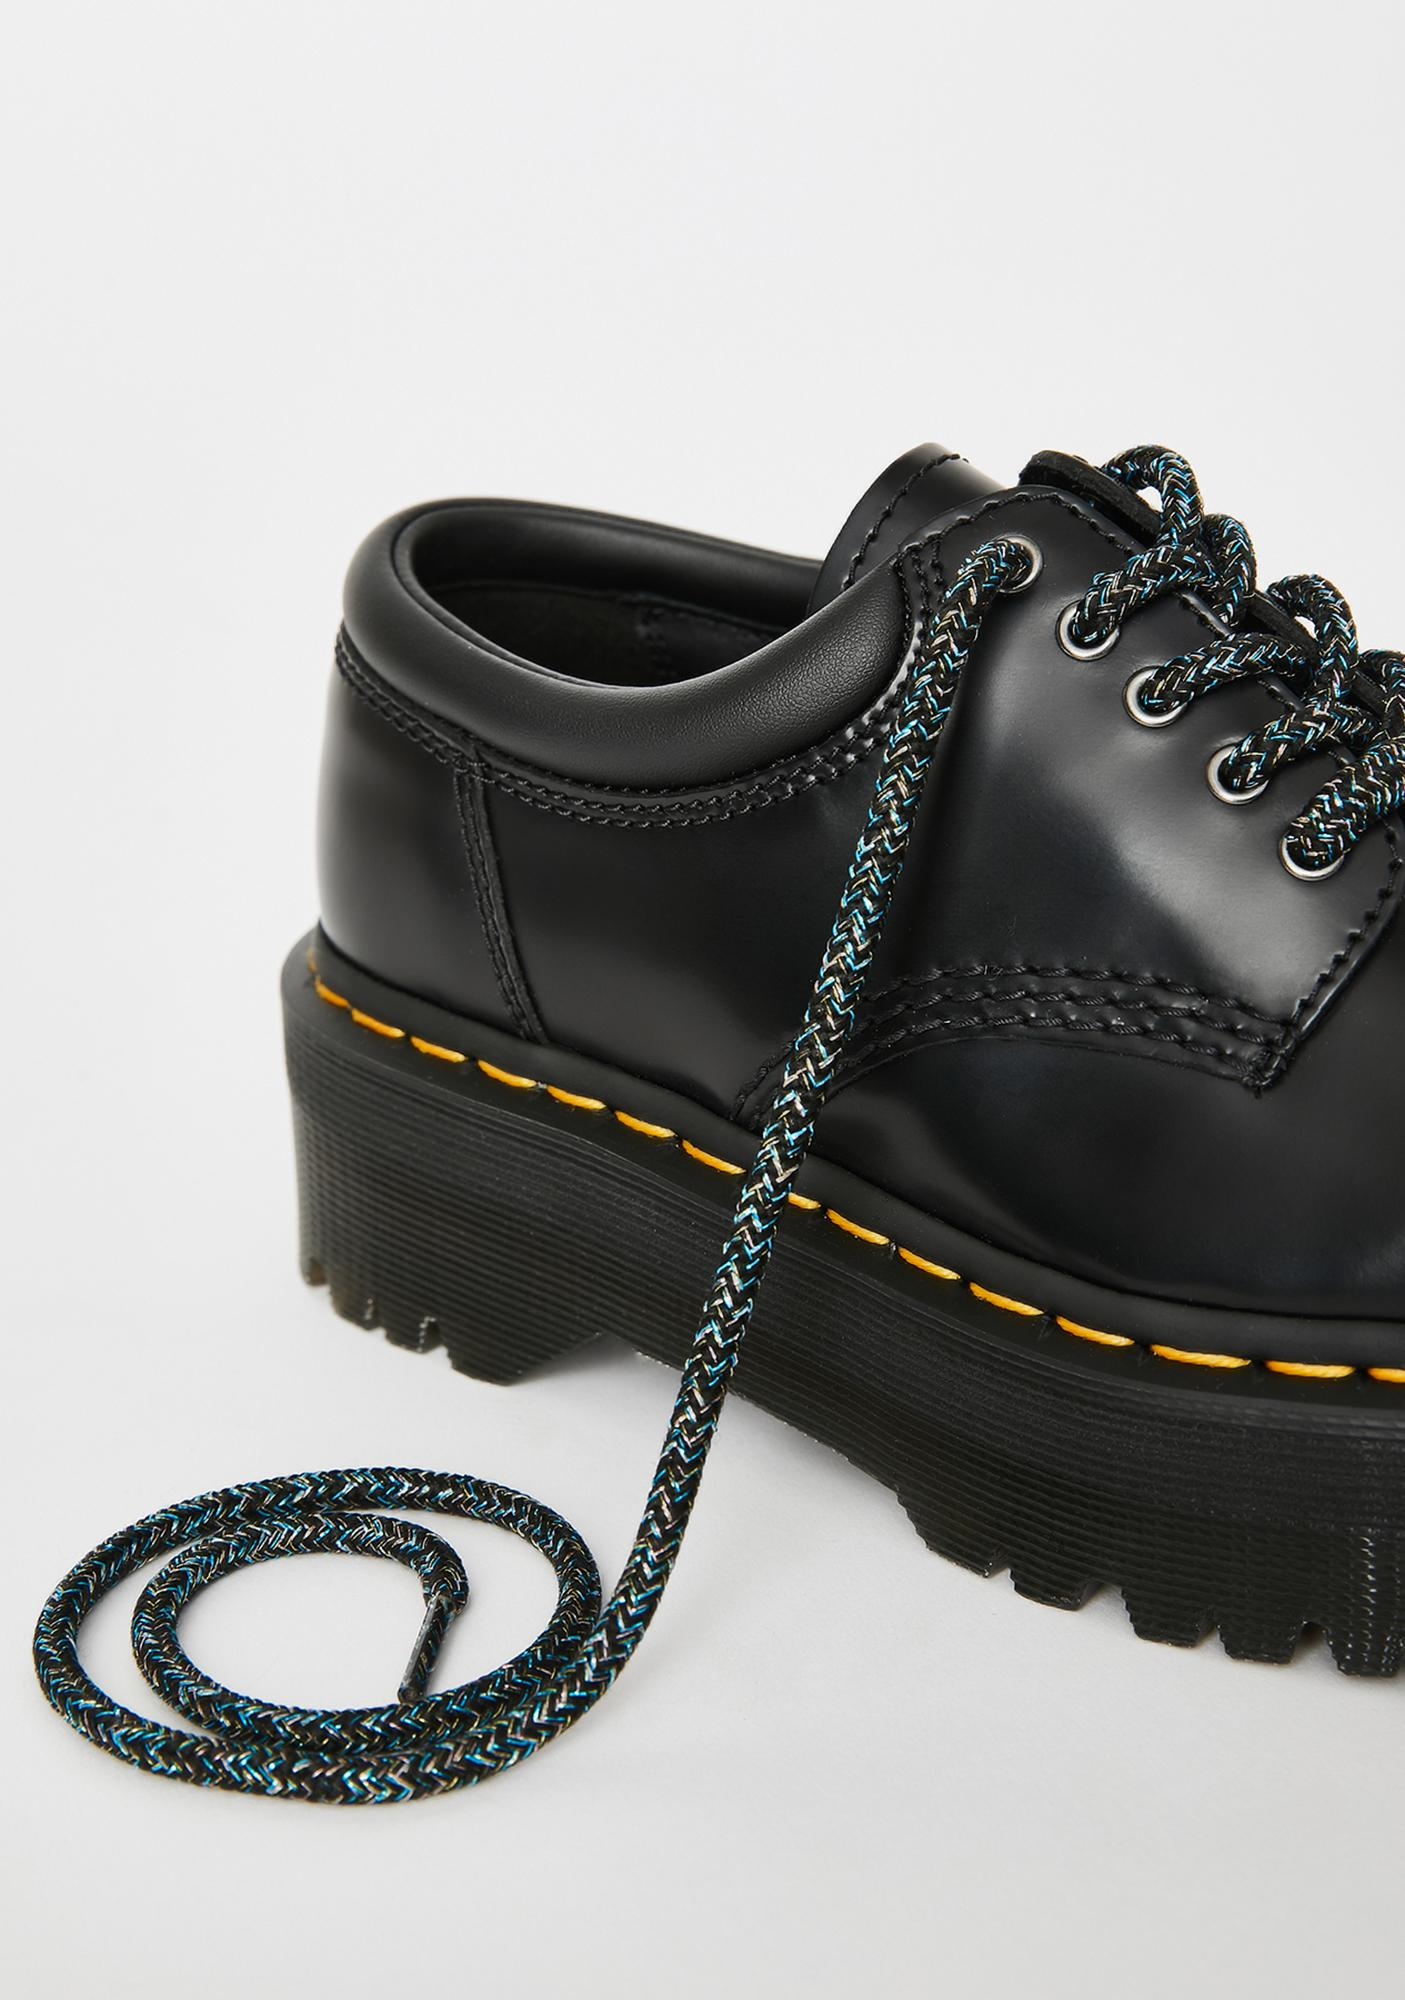 Dr. Martens Black Glitter Shoe Laces